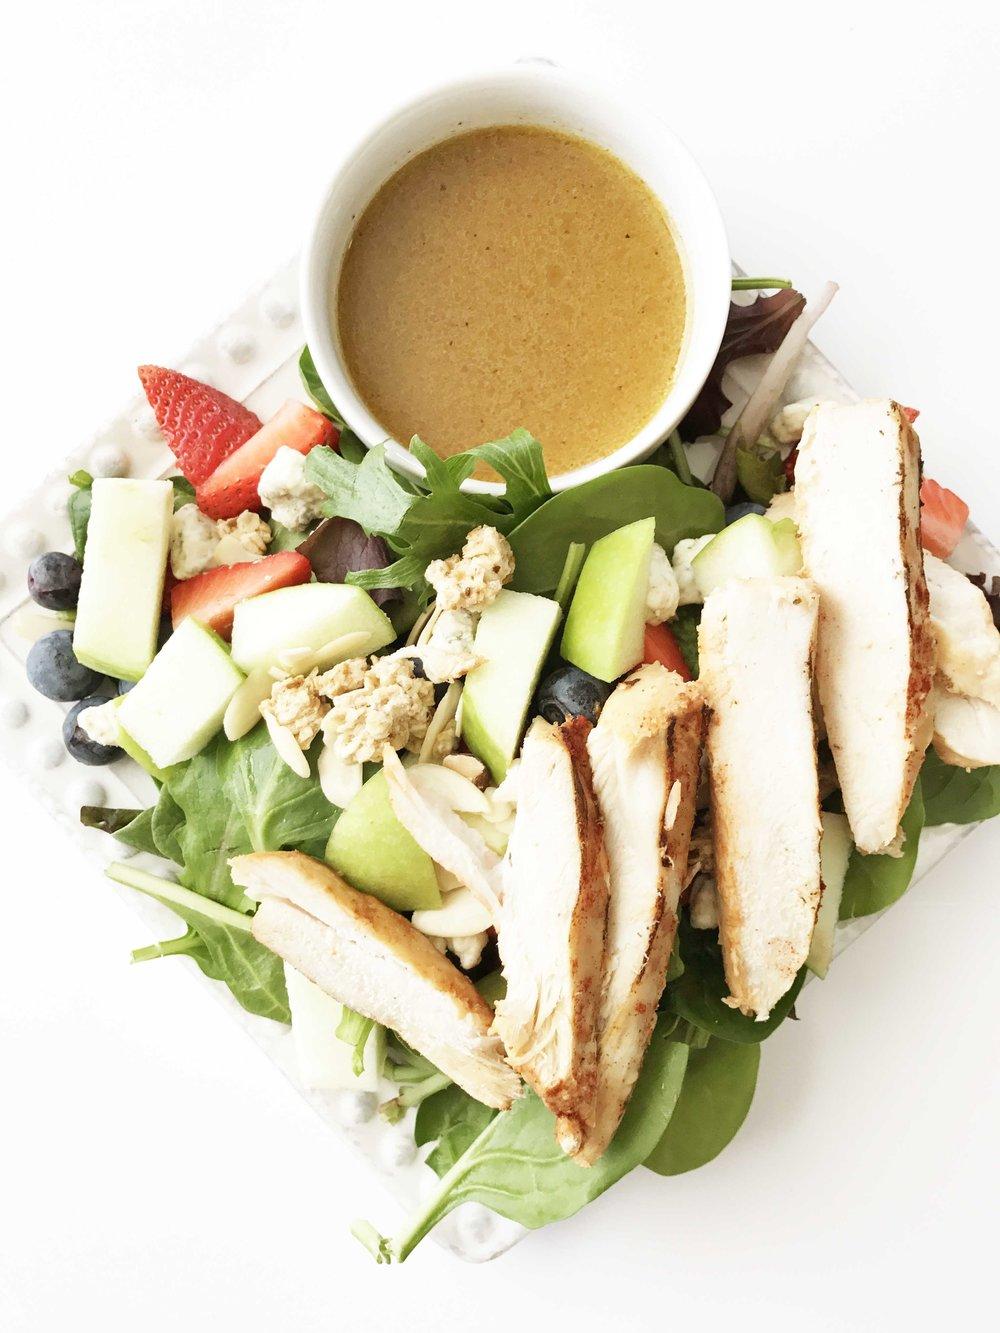 chick-fil-a-salad.jpg